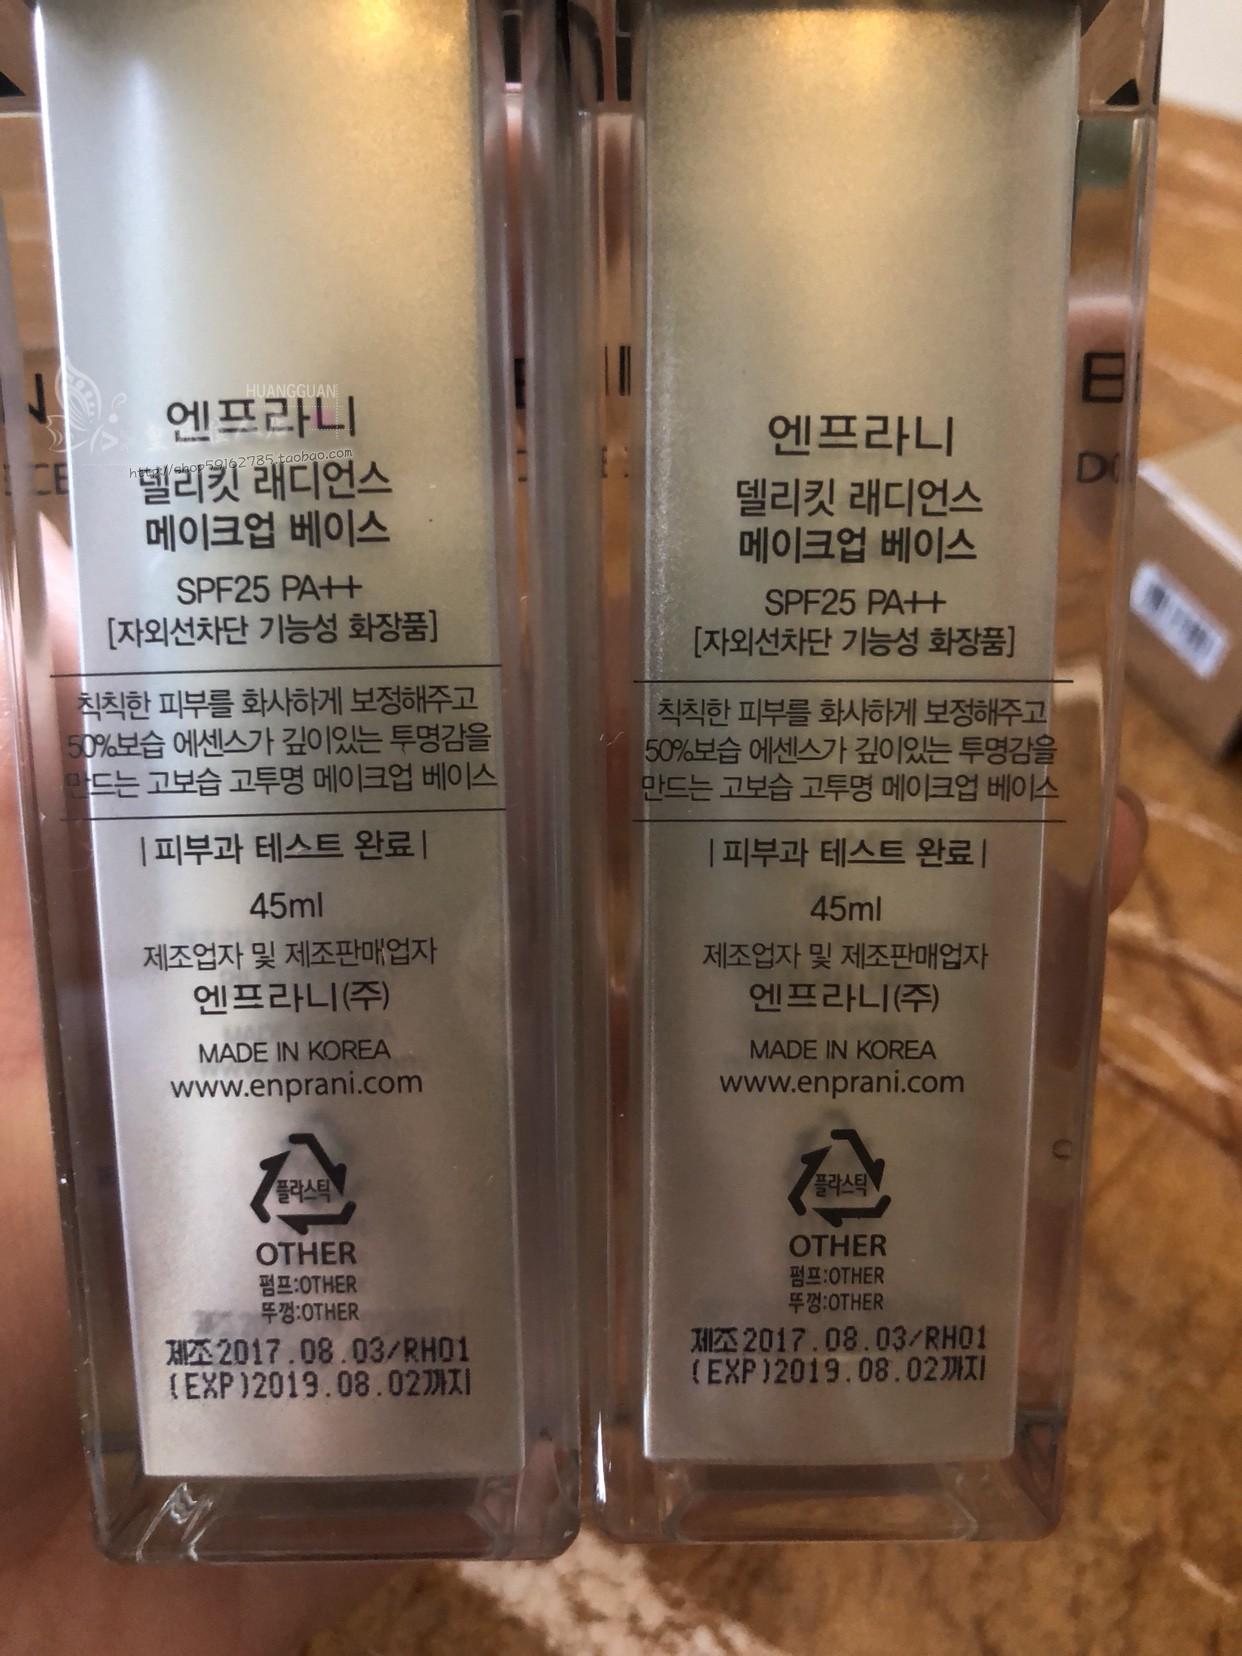 拍下立减【专柜正品】韩国ENPRANI茵葩兰 悦己润色隔离霜45ML